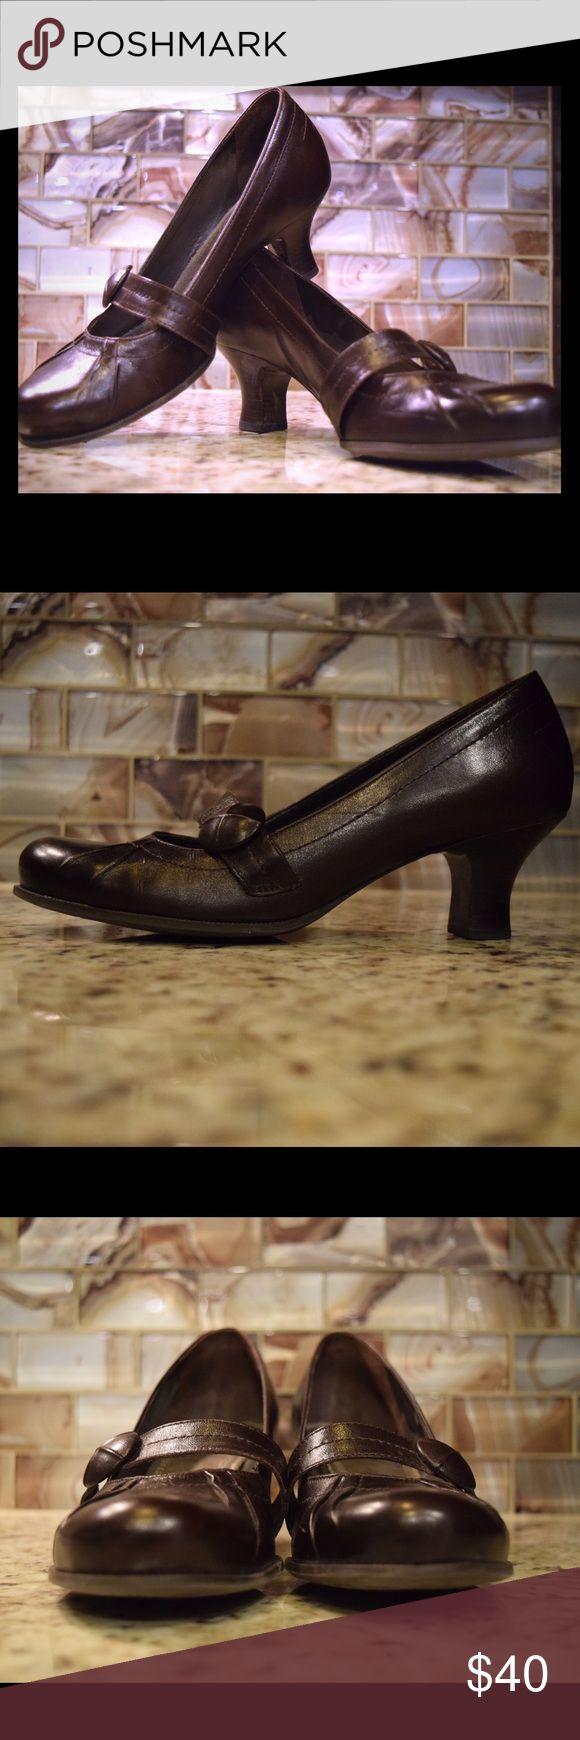 ❤Gianni Bini Heels❤ Like New Gianni Bini Heels Gianni Bini Shoes Heels